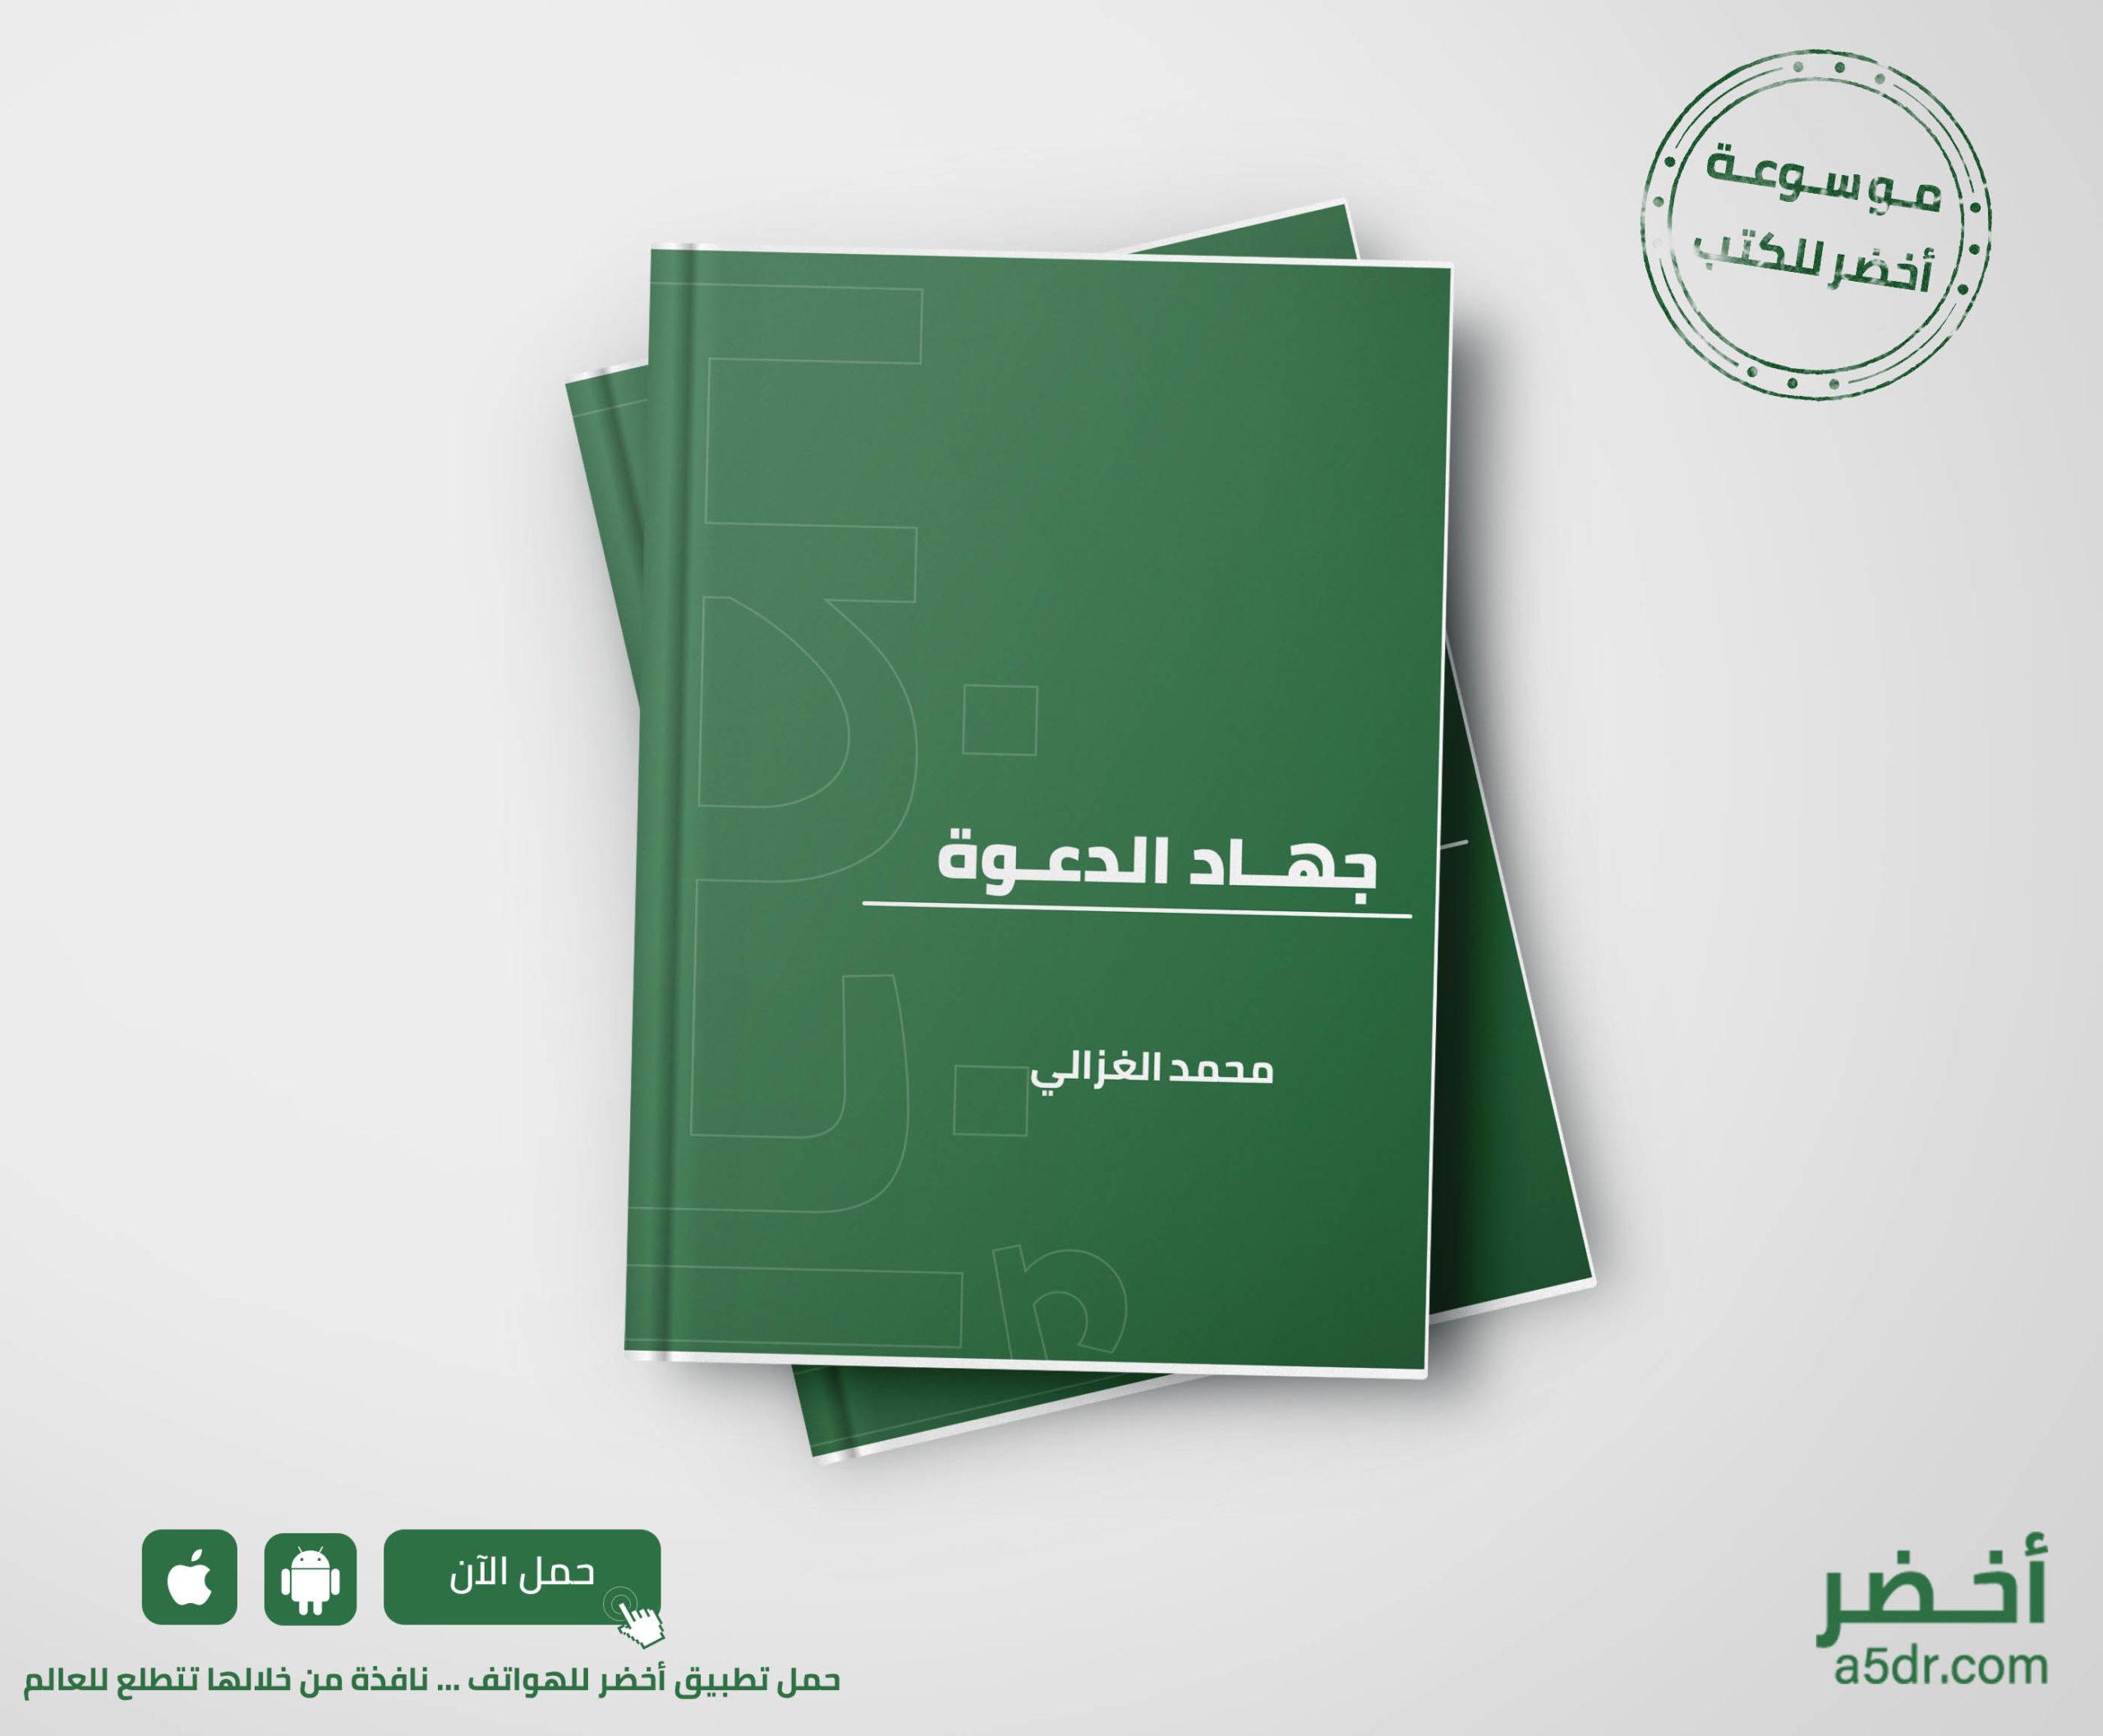 كتاب جهاد الدعوة - محمد الغزالي